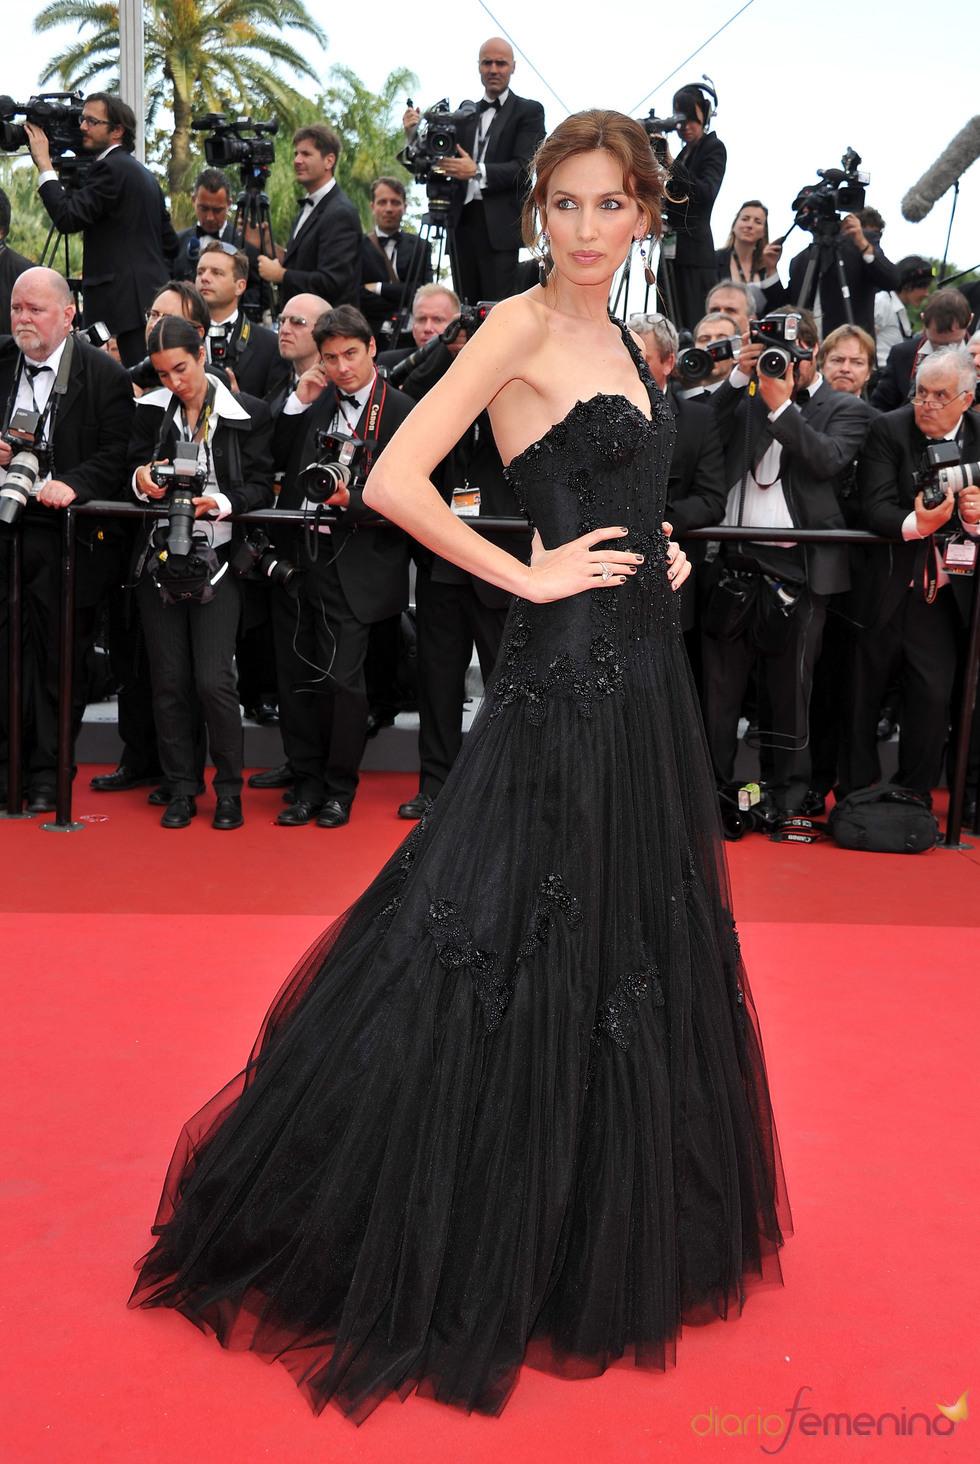 Nieves Álvarez posa en la alfombra roja del Festival de Cine de Cannes 2011